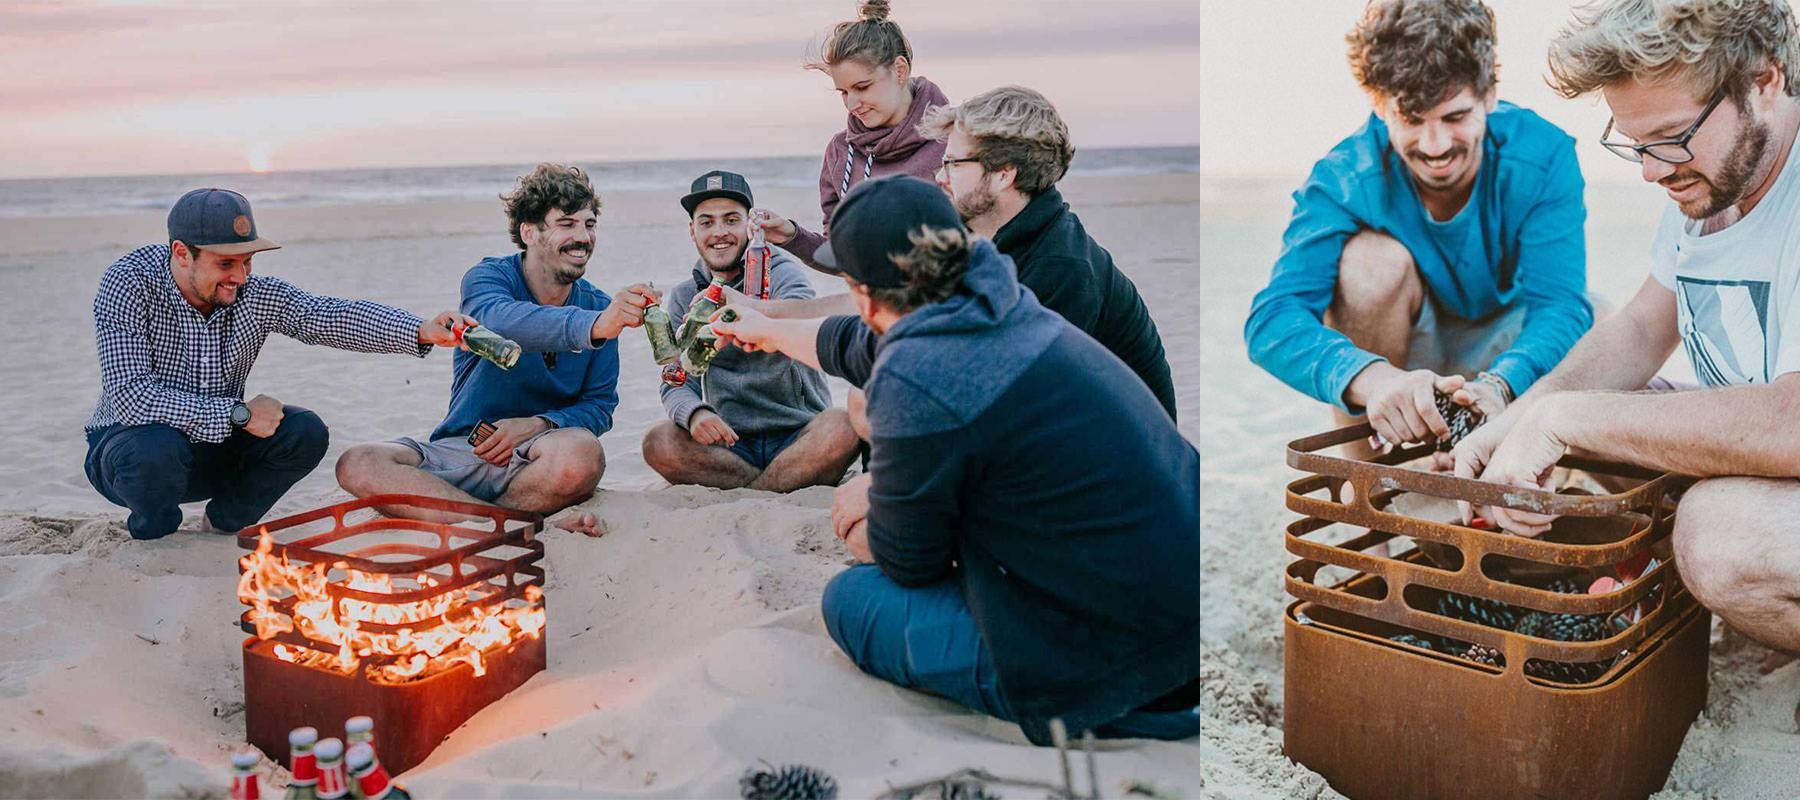 Cube finition rouille, brasero sur la plage